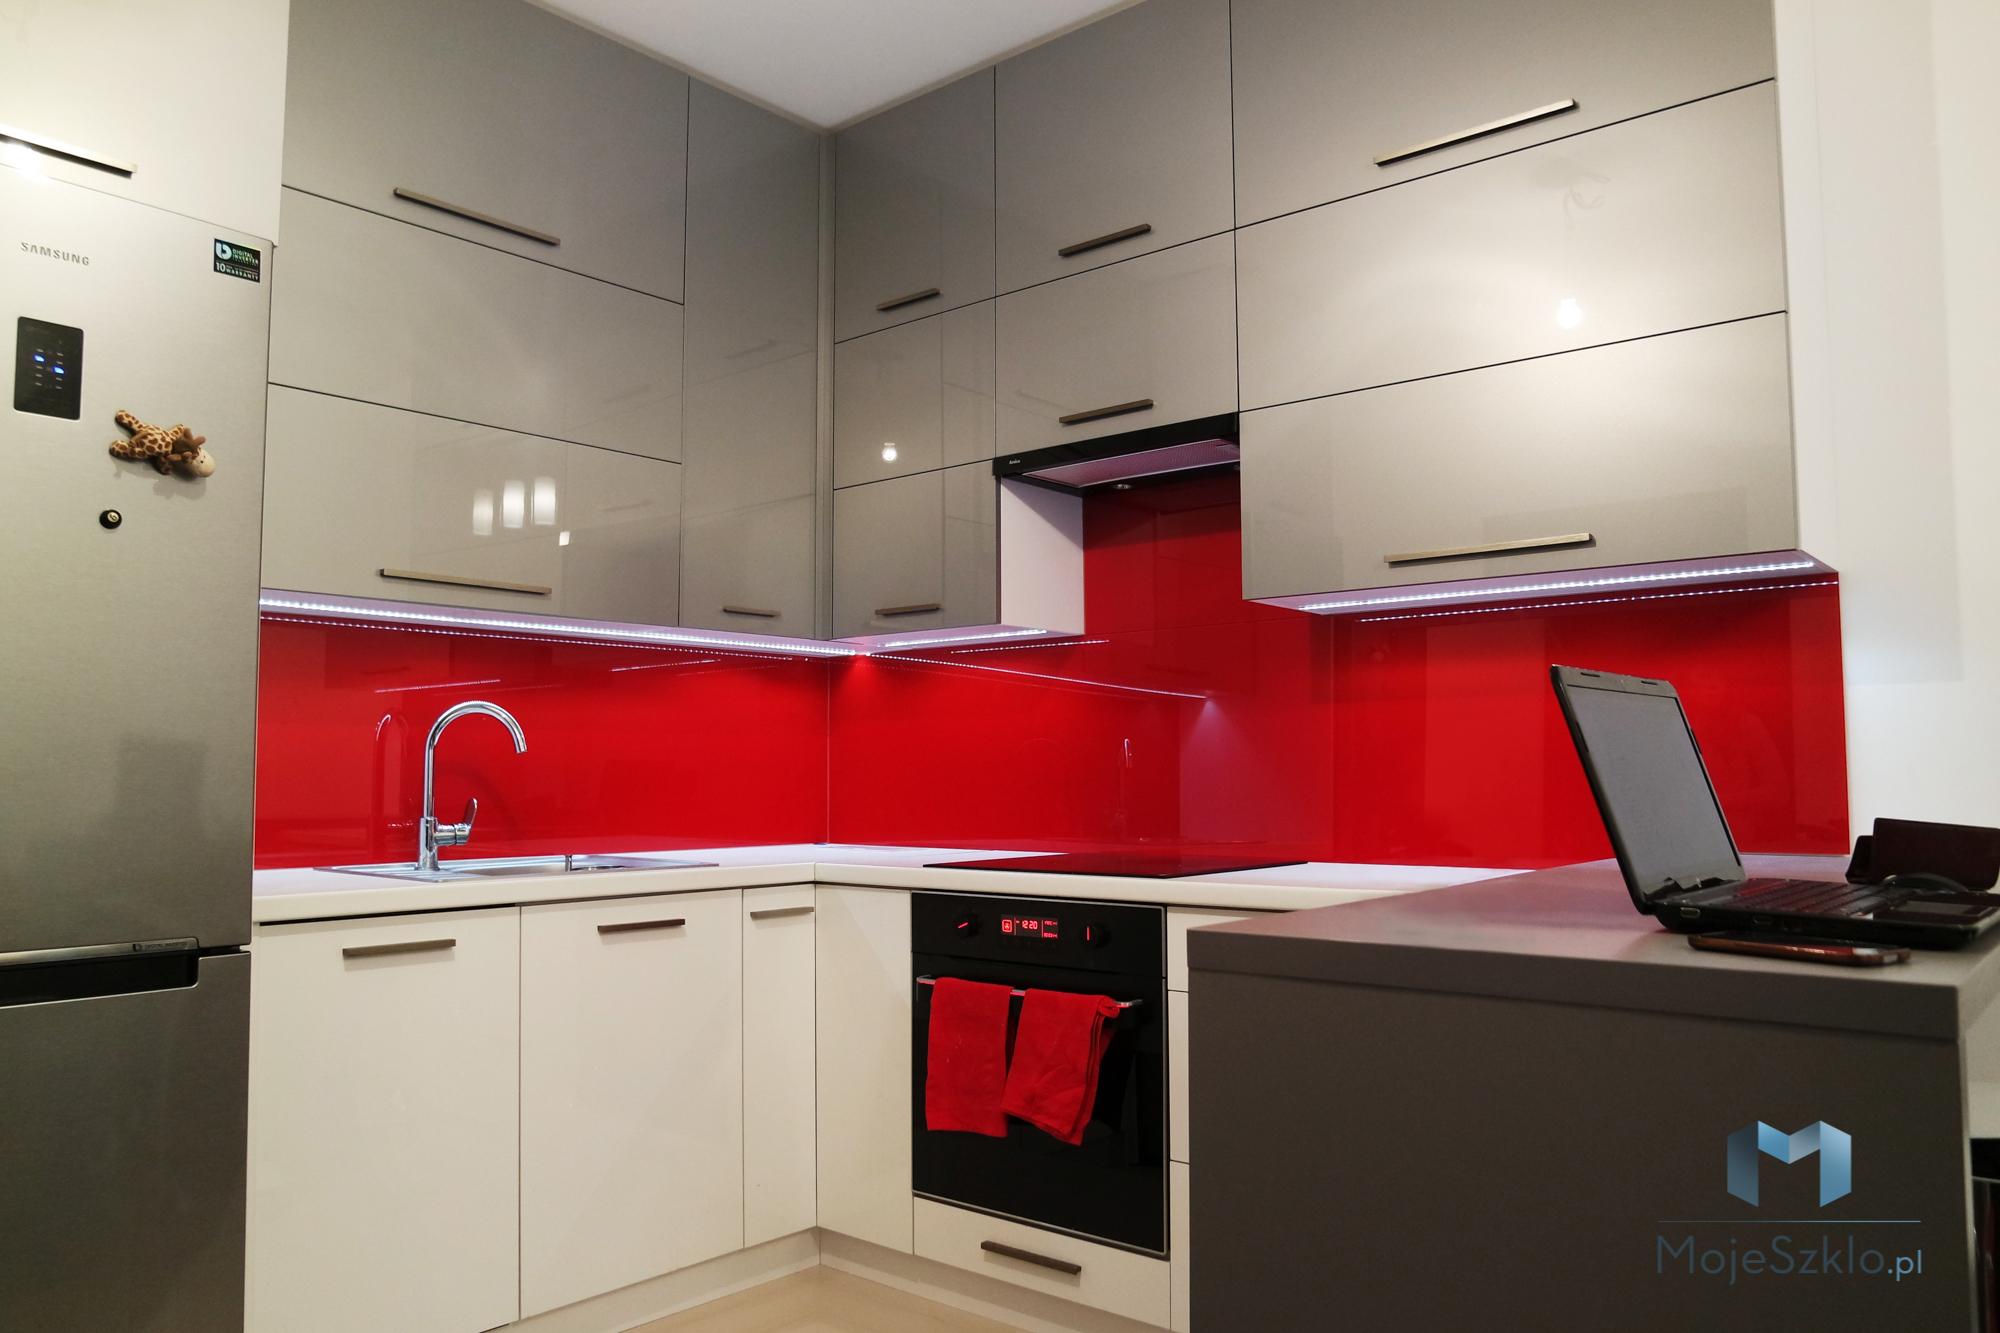 Lacobel Kolory Lsniaca Czerwien - Lacobel kolory. Wzornik dostępnych odcieni